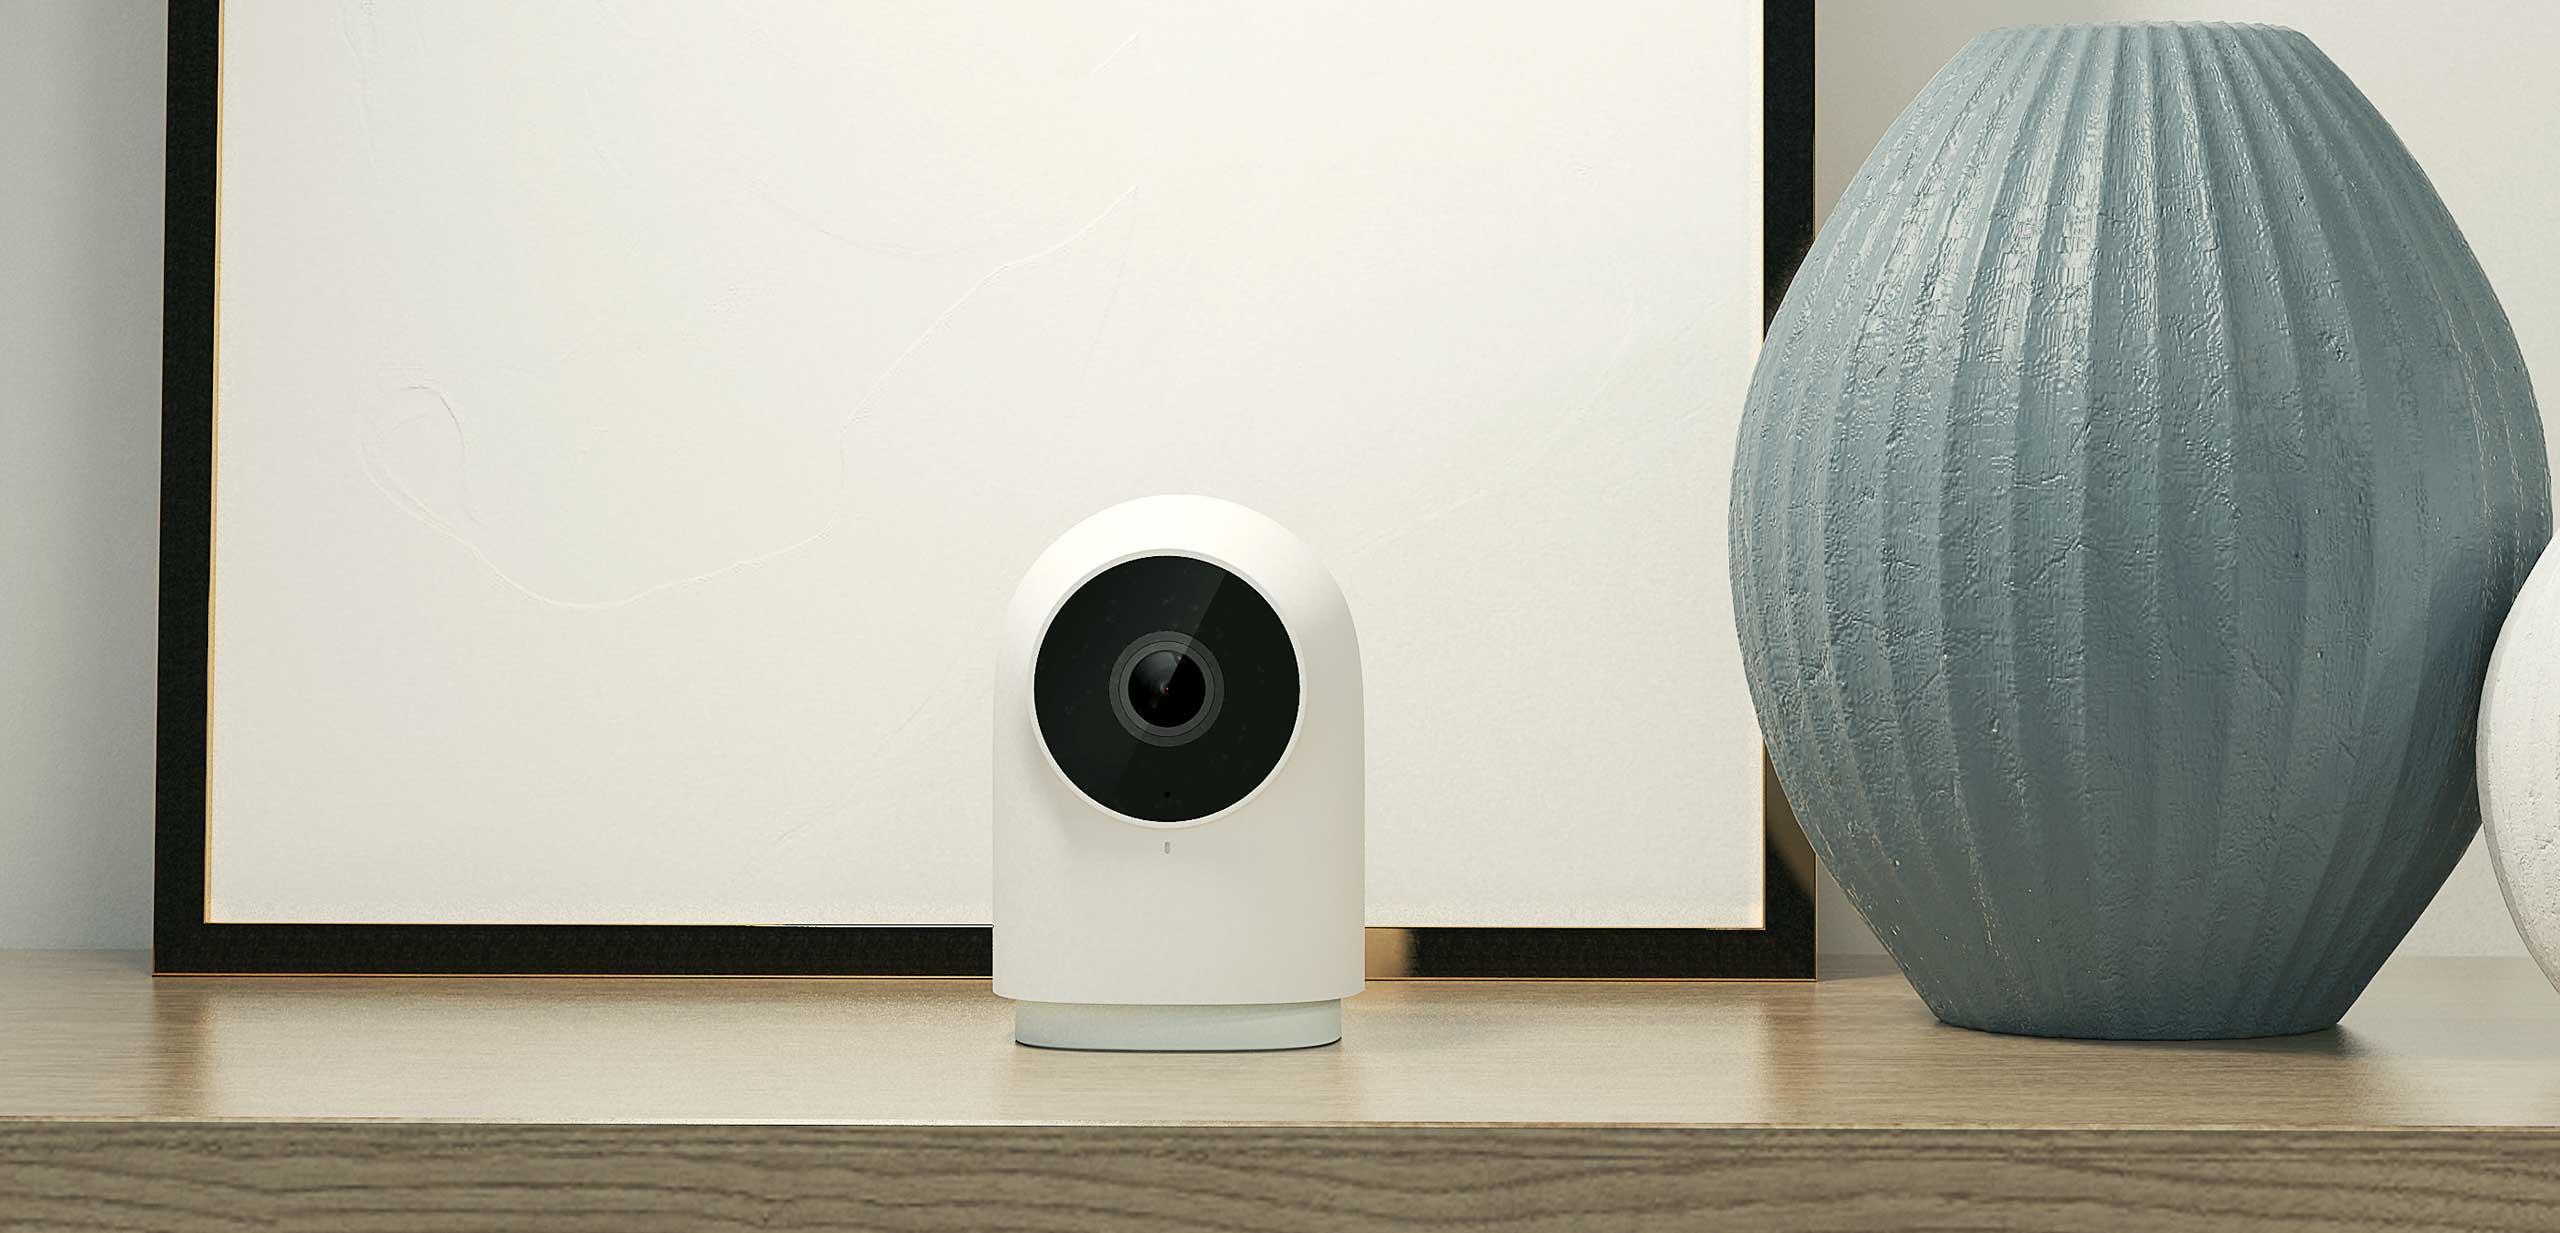 Aqara 智能摄像机 G2 - 红点产品设计大奖